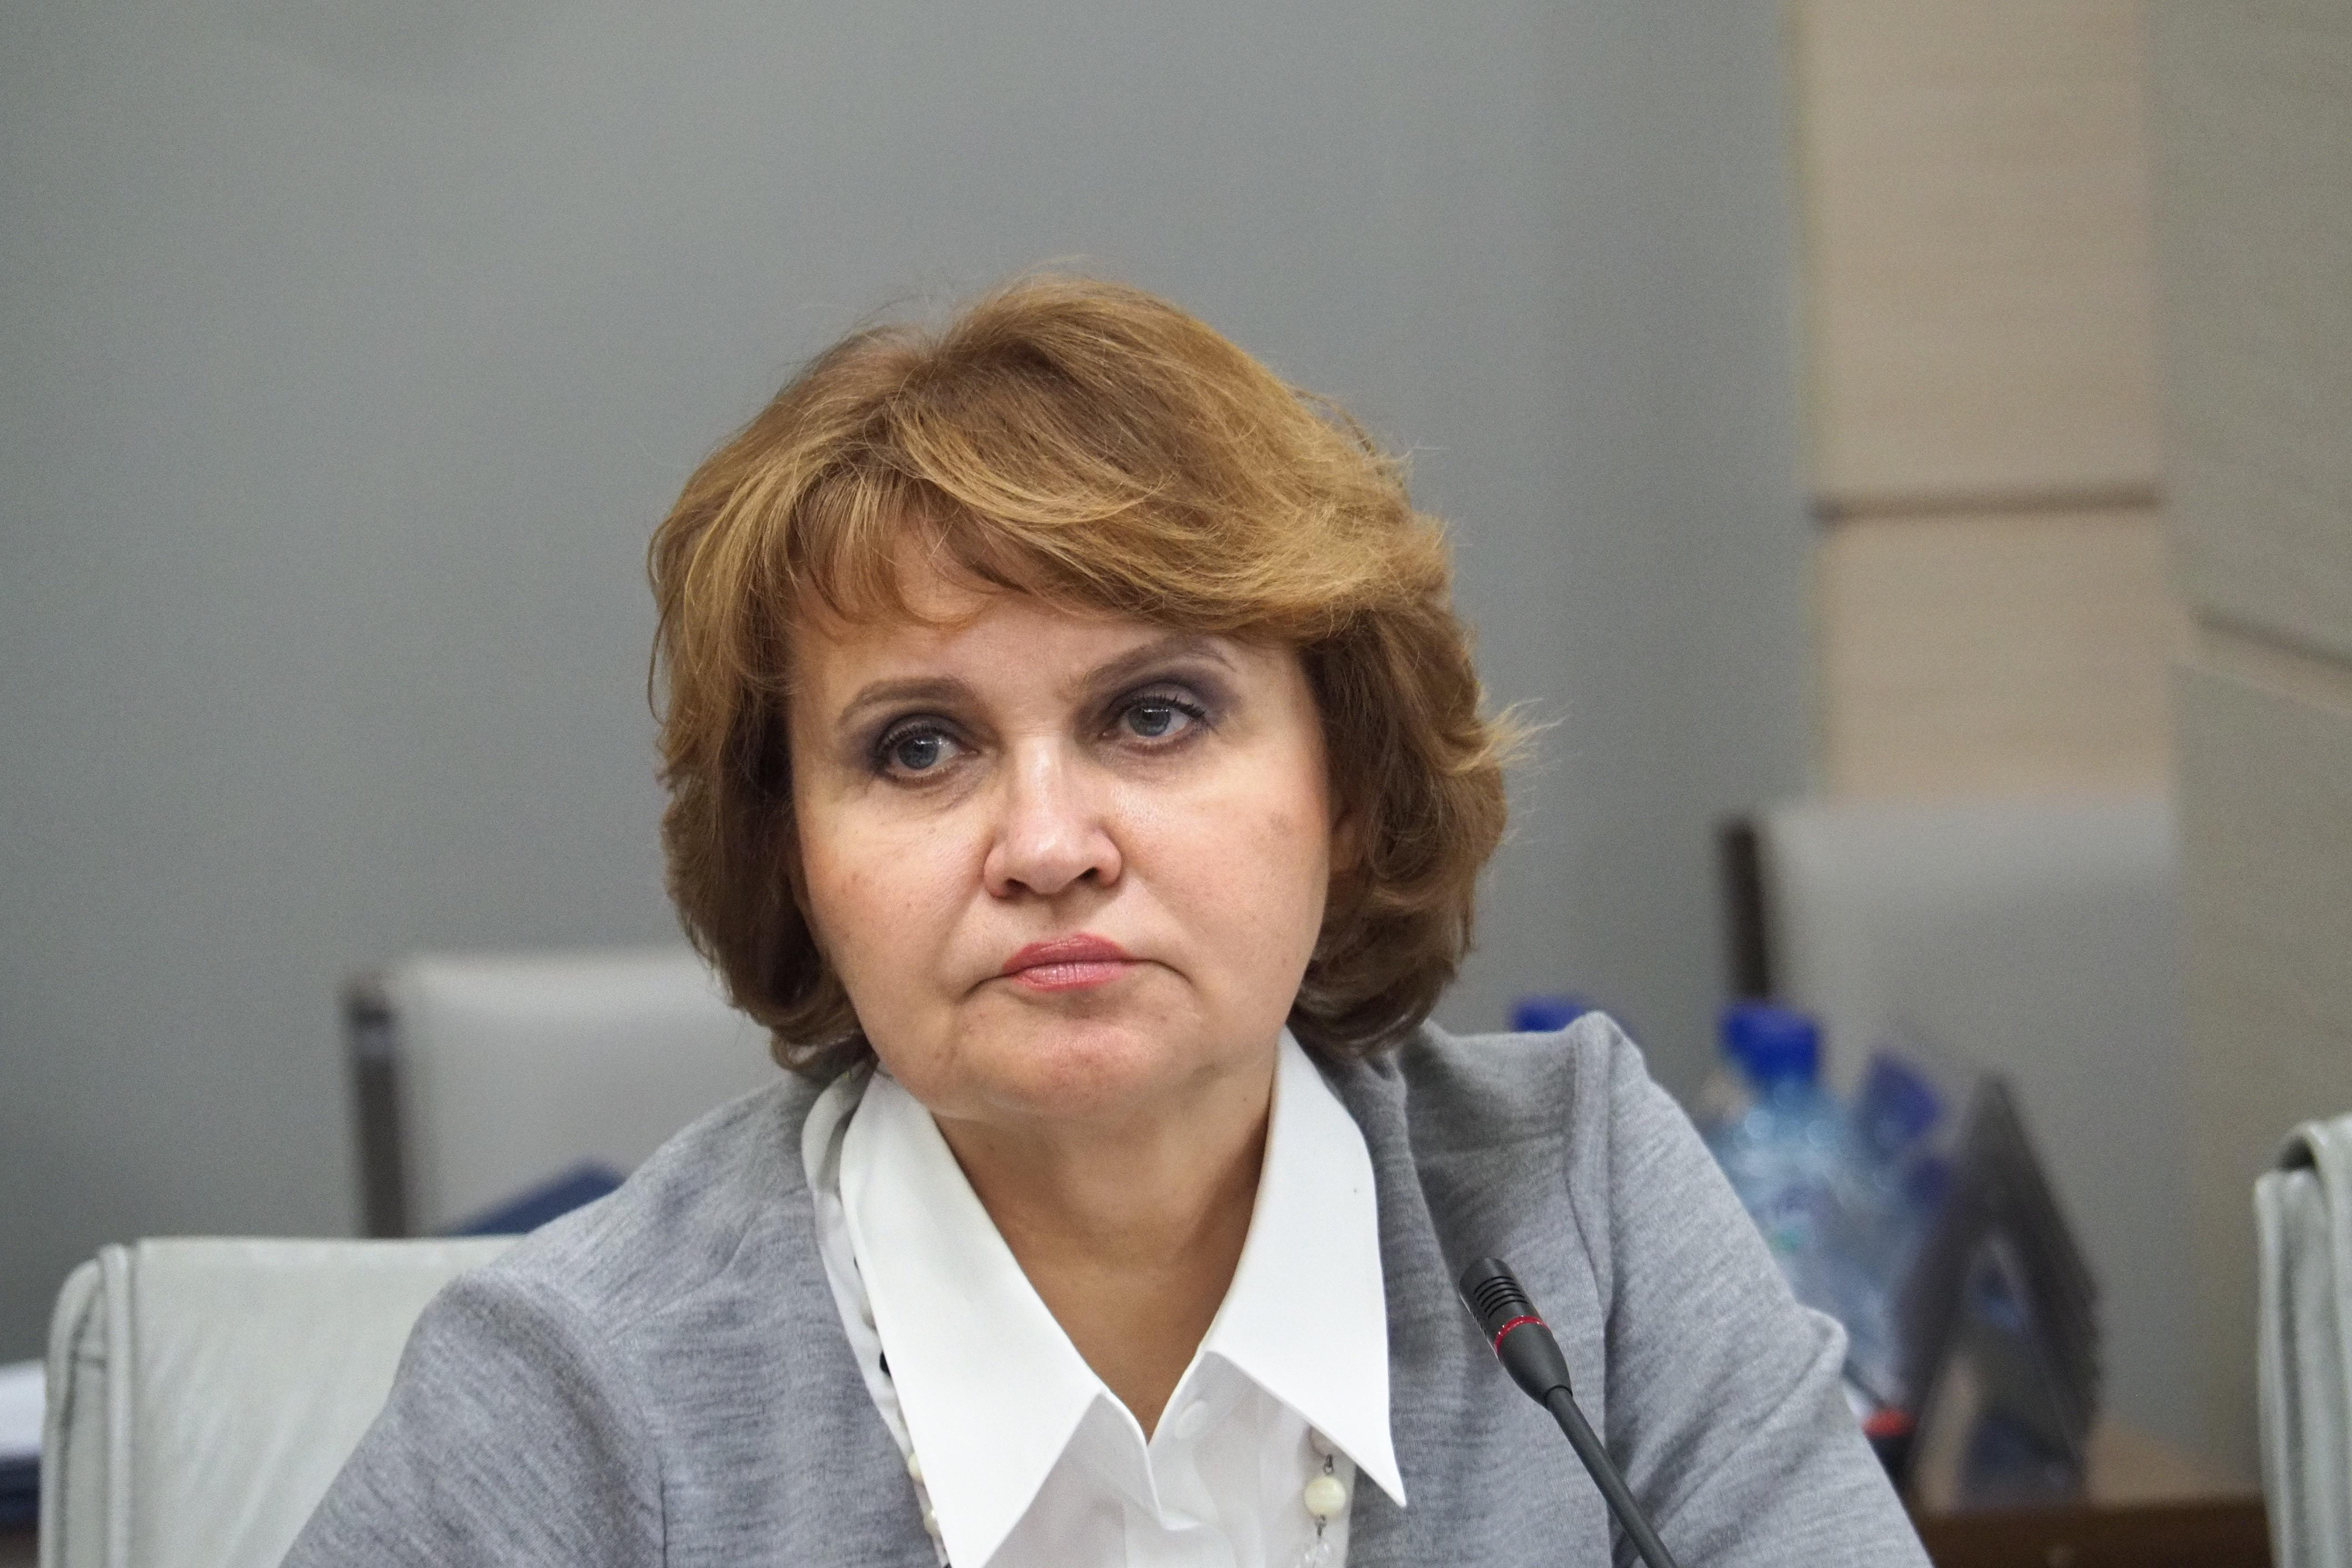 Депутат Мосгордумы Гусева: Электронные сервисы стали неотъемлемой частью жизни москвичей